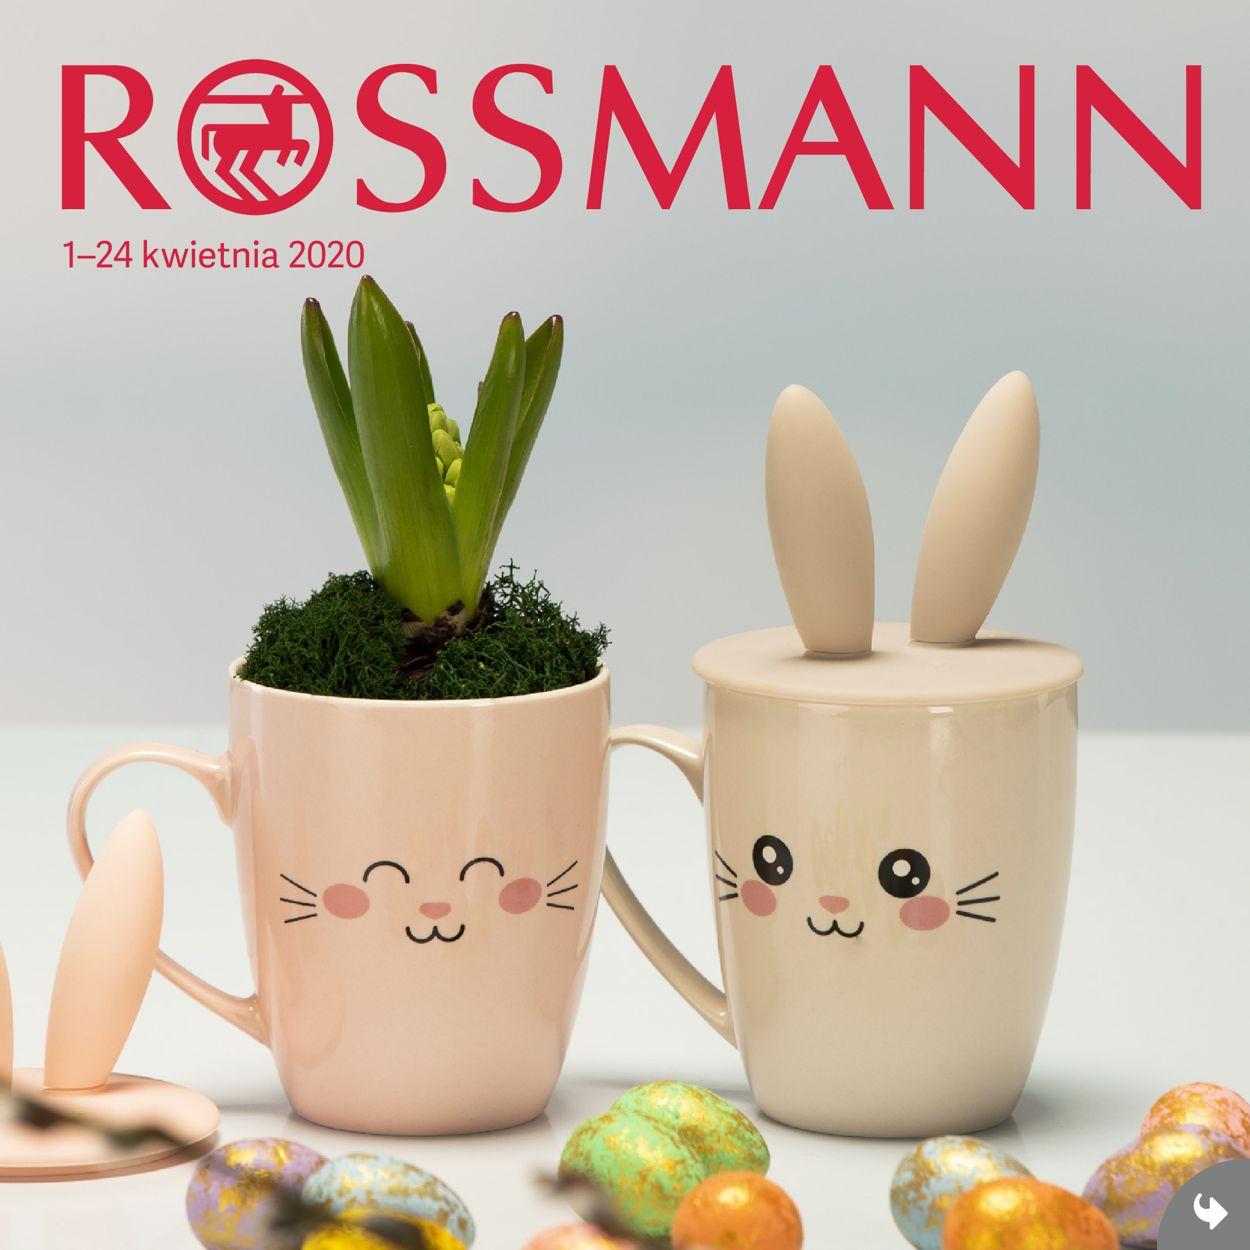 Gazetka promocyjna Rossmann - 01.04-24.04.2020